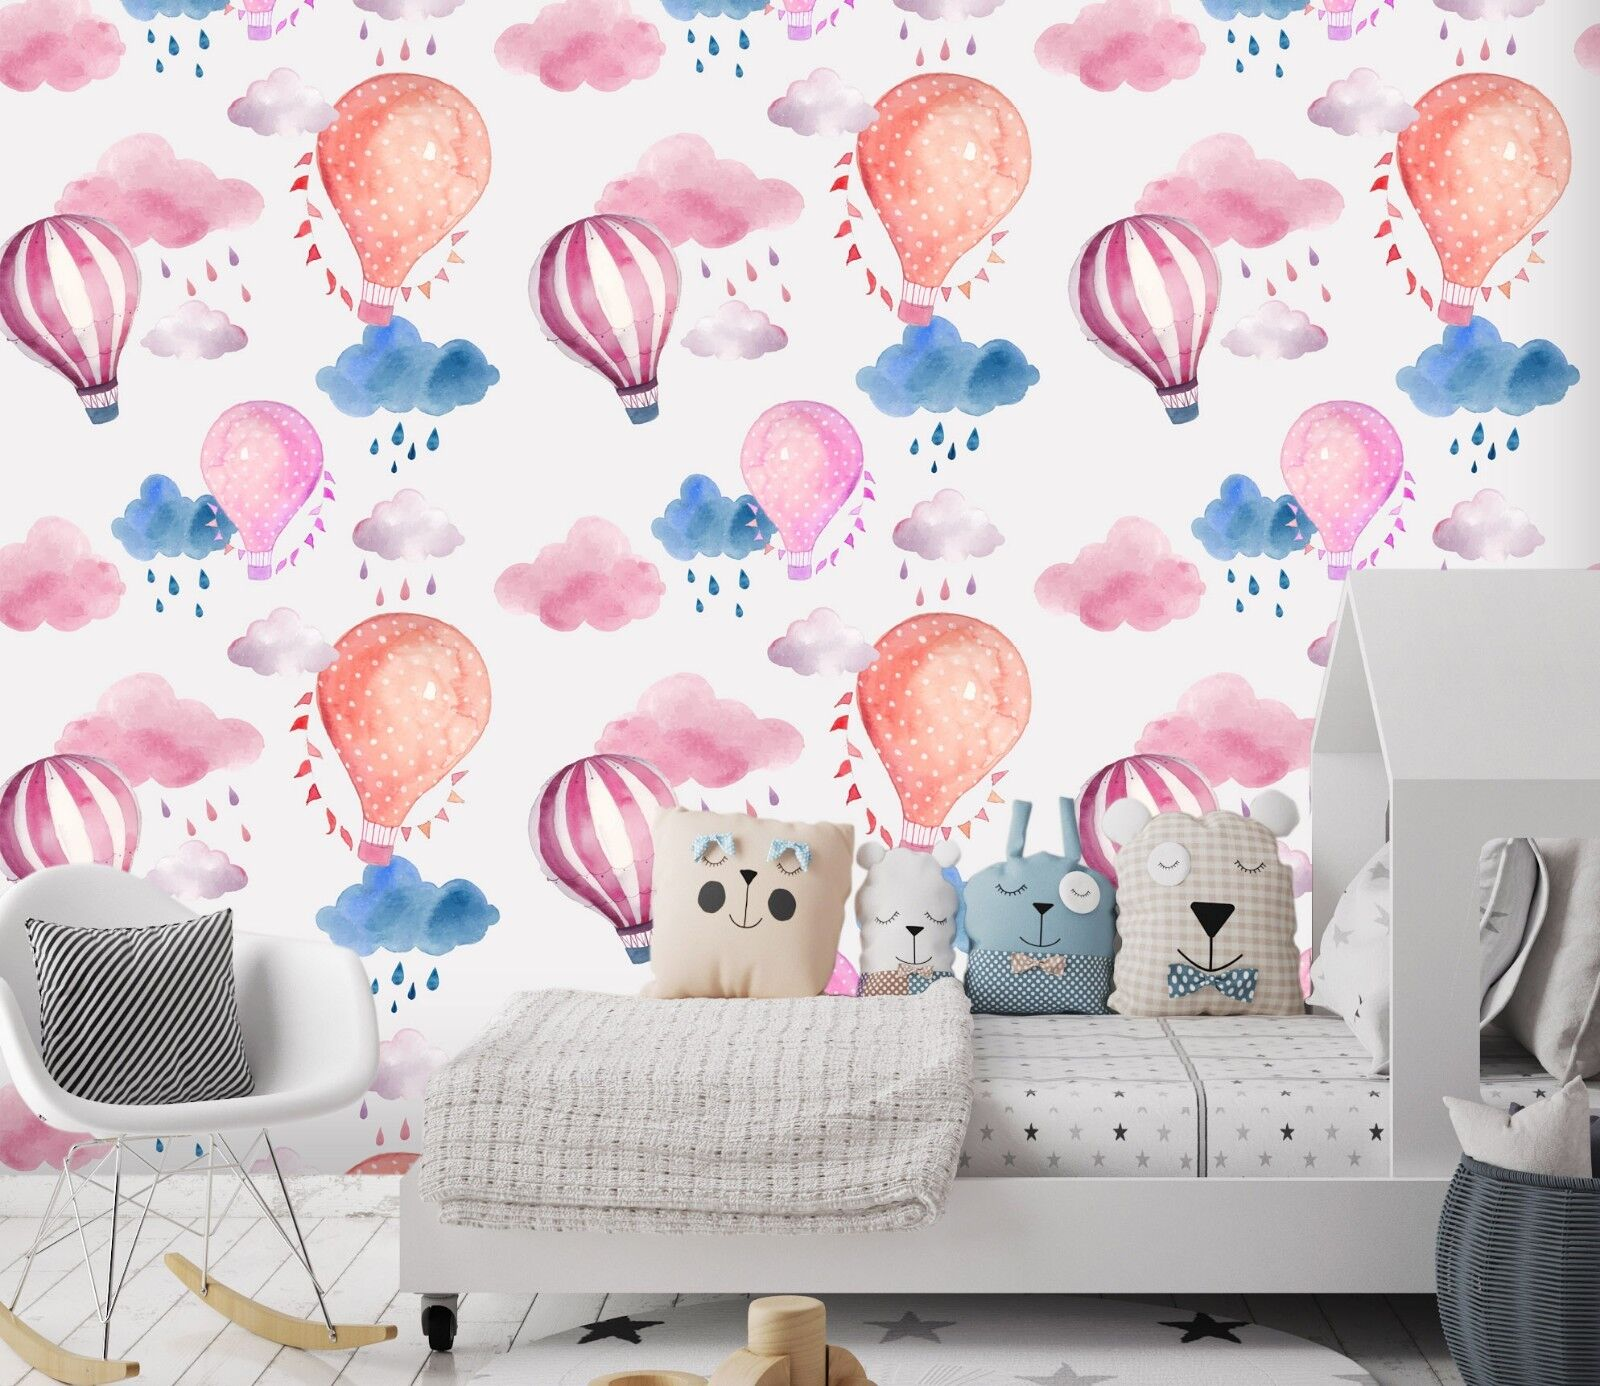 3D Heißluftballon 876 Tapete Wandgemälde Tapete Tapeten Bild Familie DE Sidney    Spielzeugwelt, glücklich und grenzenlos    Großer Verkauf    Niedriger Preis und gute Qualität